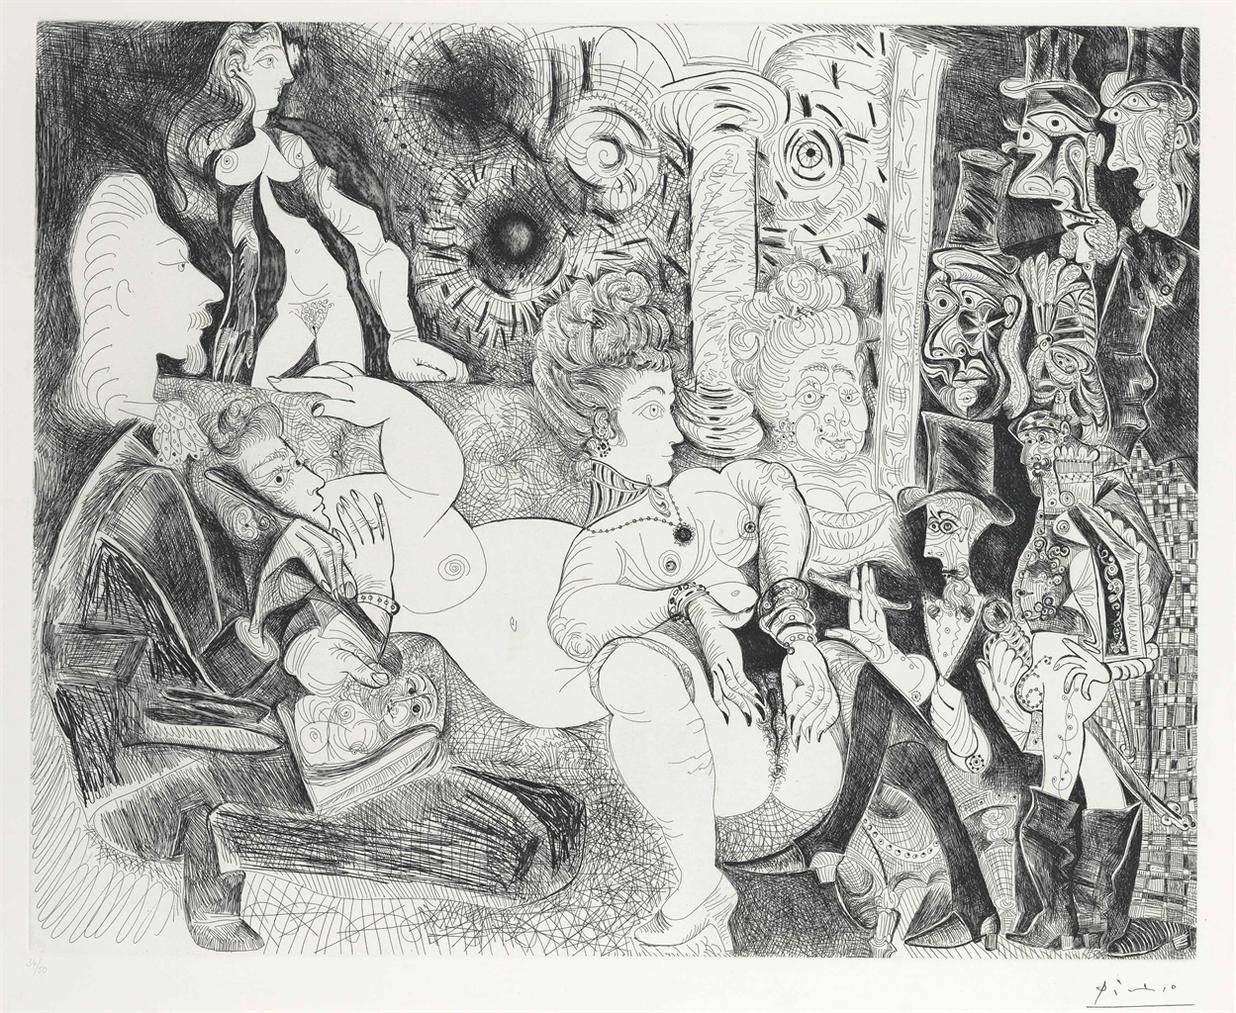 Pablo Picasso-Peintre A Lavaliere Dessinant Son Modele Dans Le Cadre De La Maison Tellier, From La Serie 156-1970